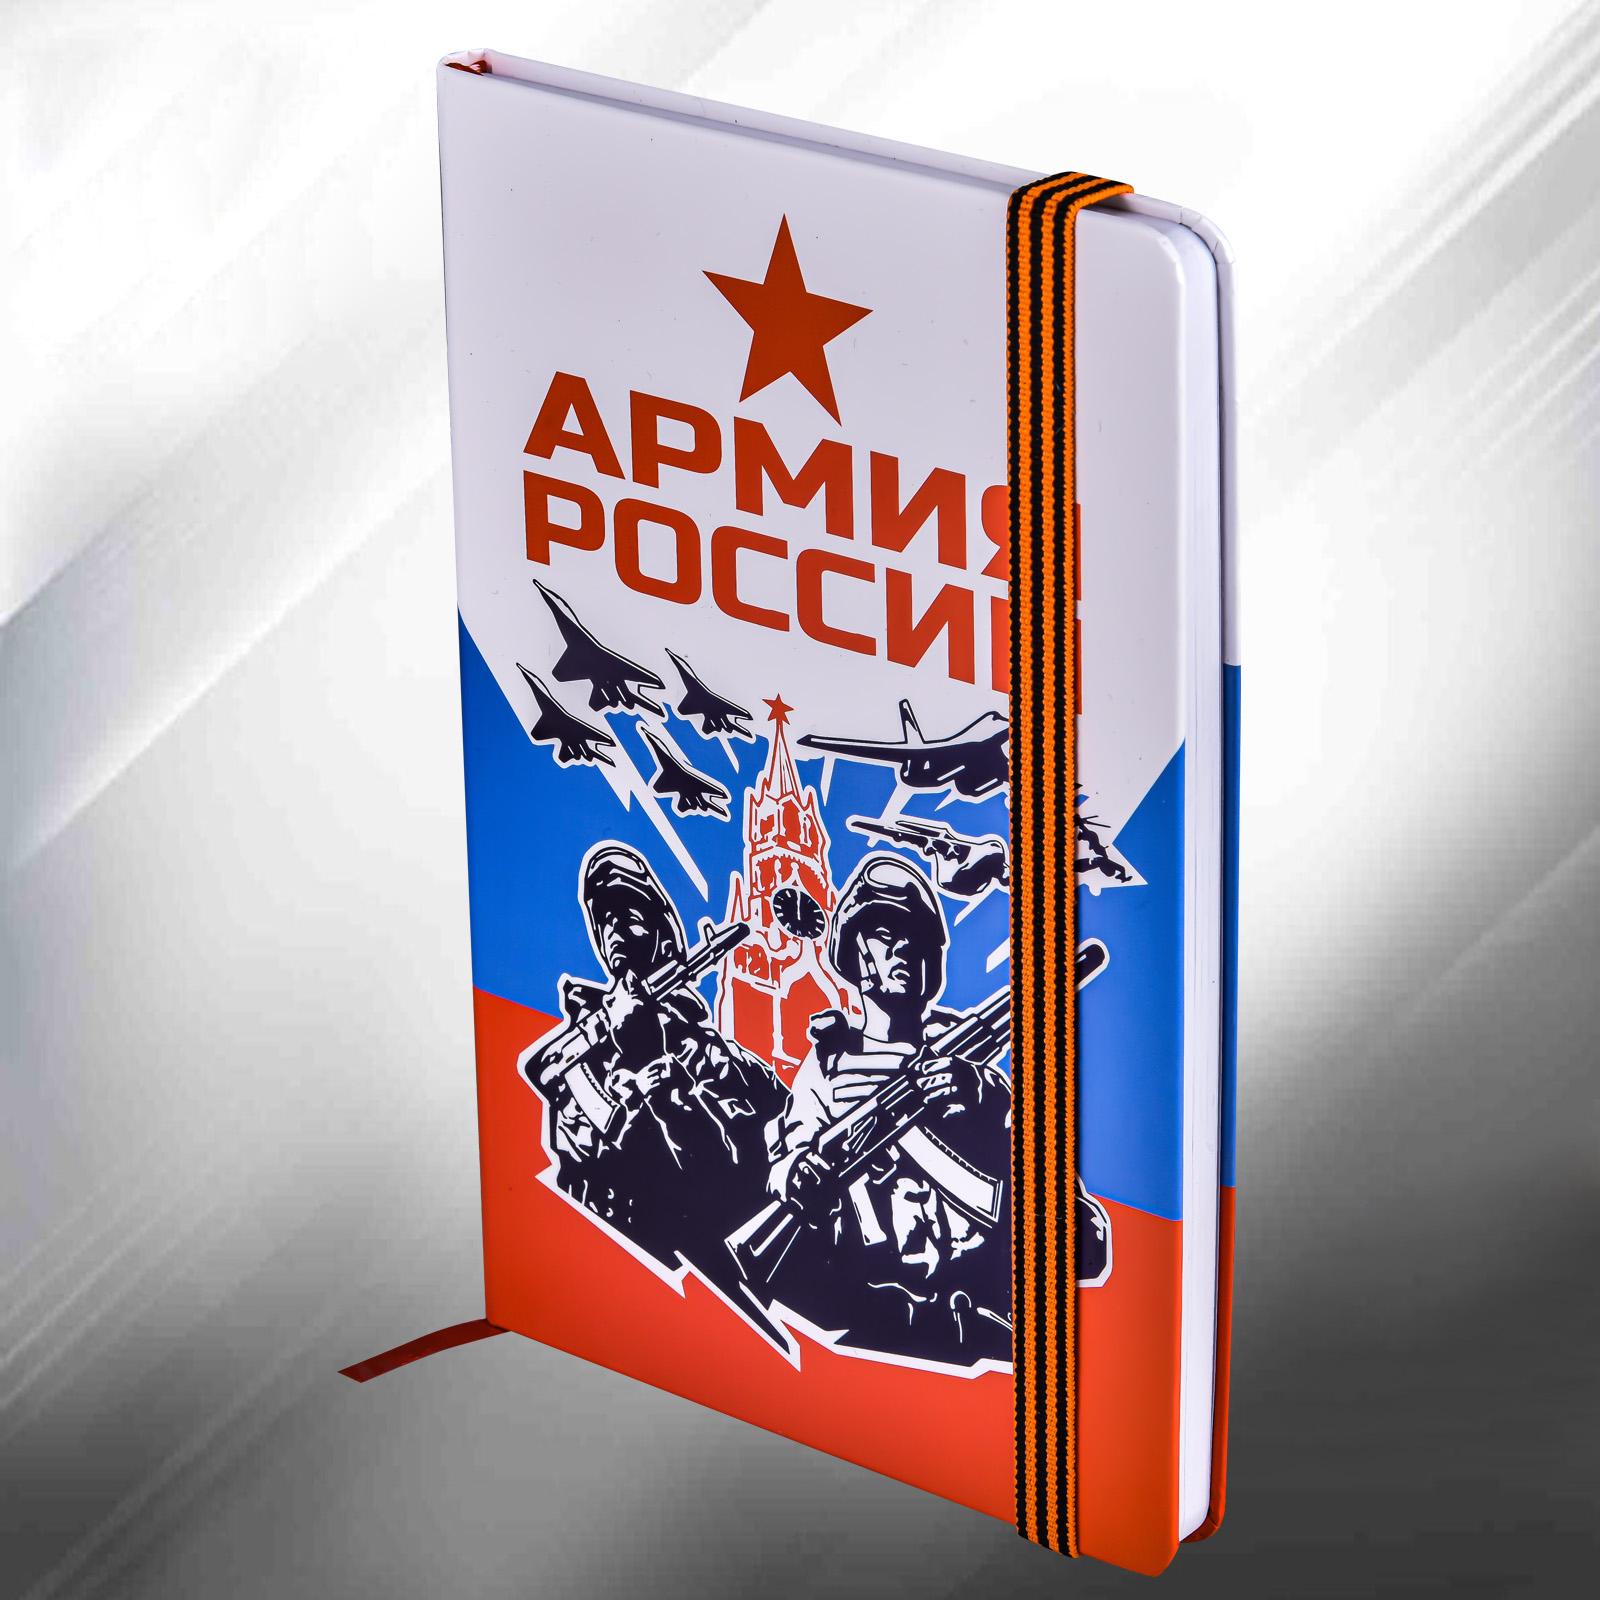 Сувенирный блокнот Армия России